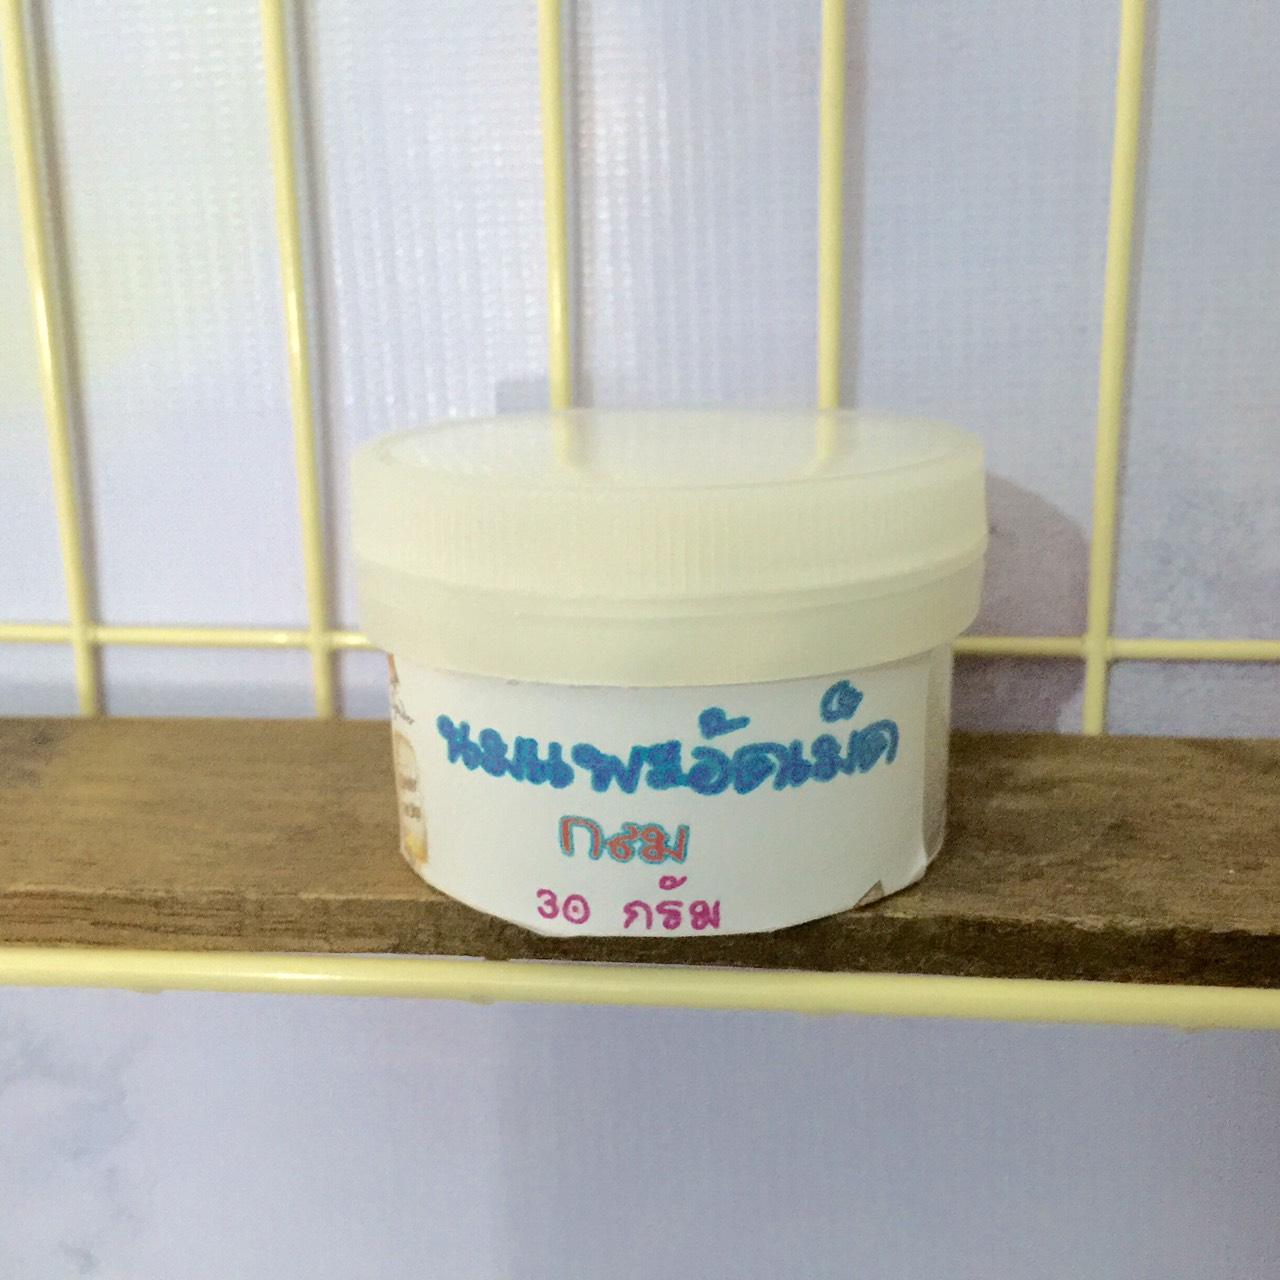 นมแพะอัดเม็ด(กลม) 30 กรัม